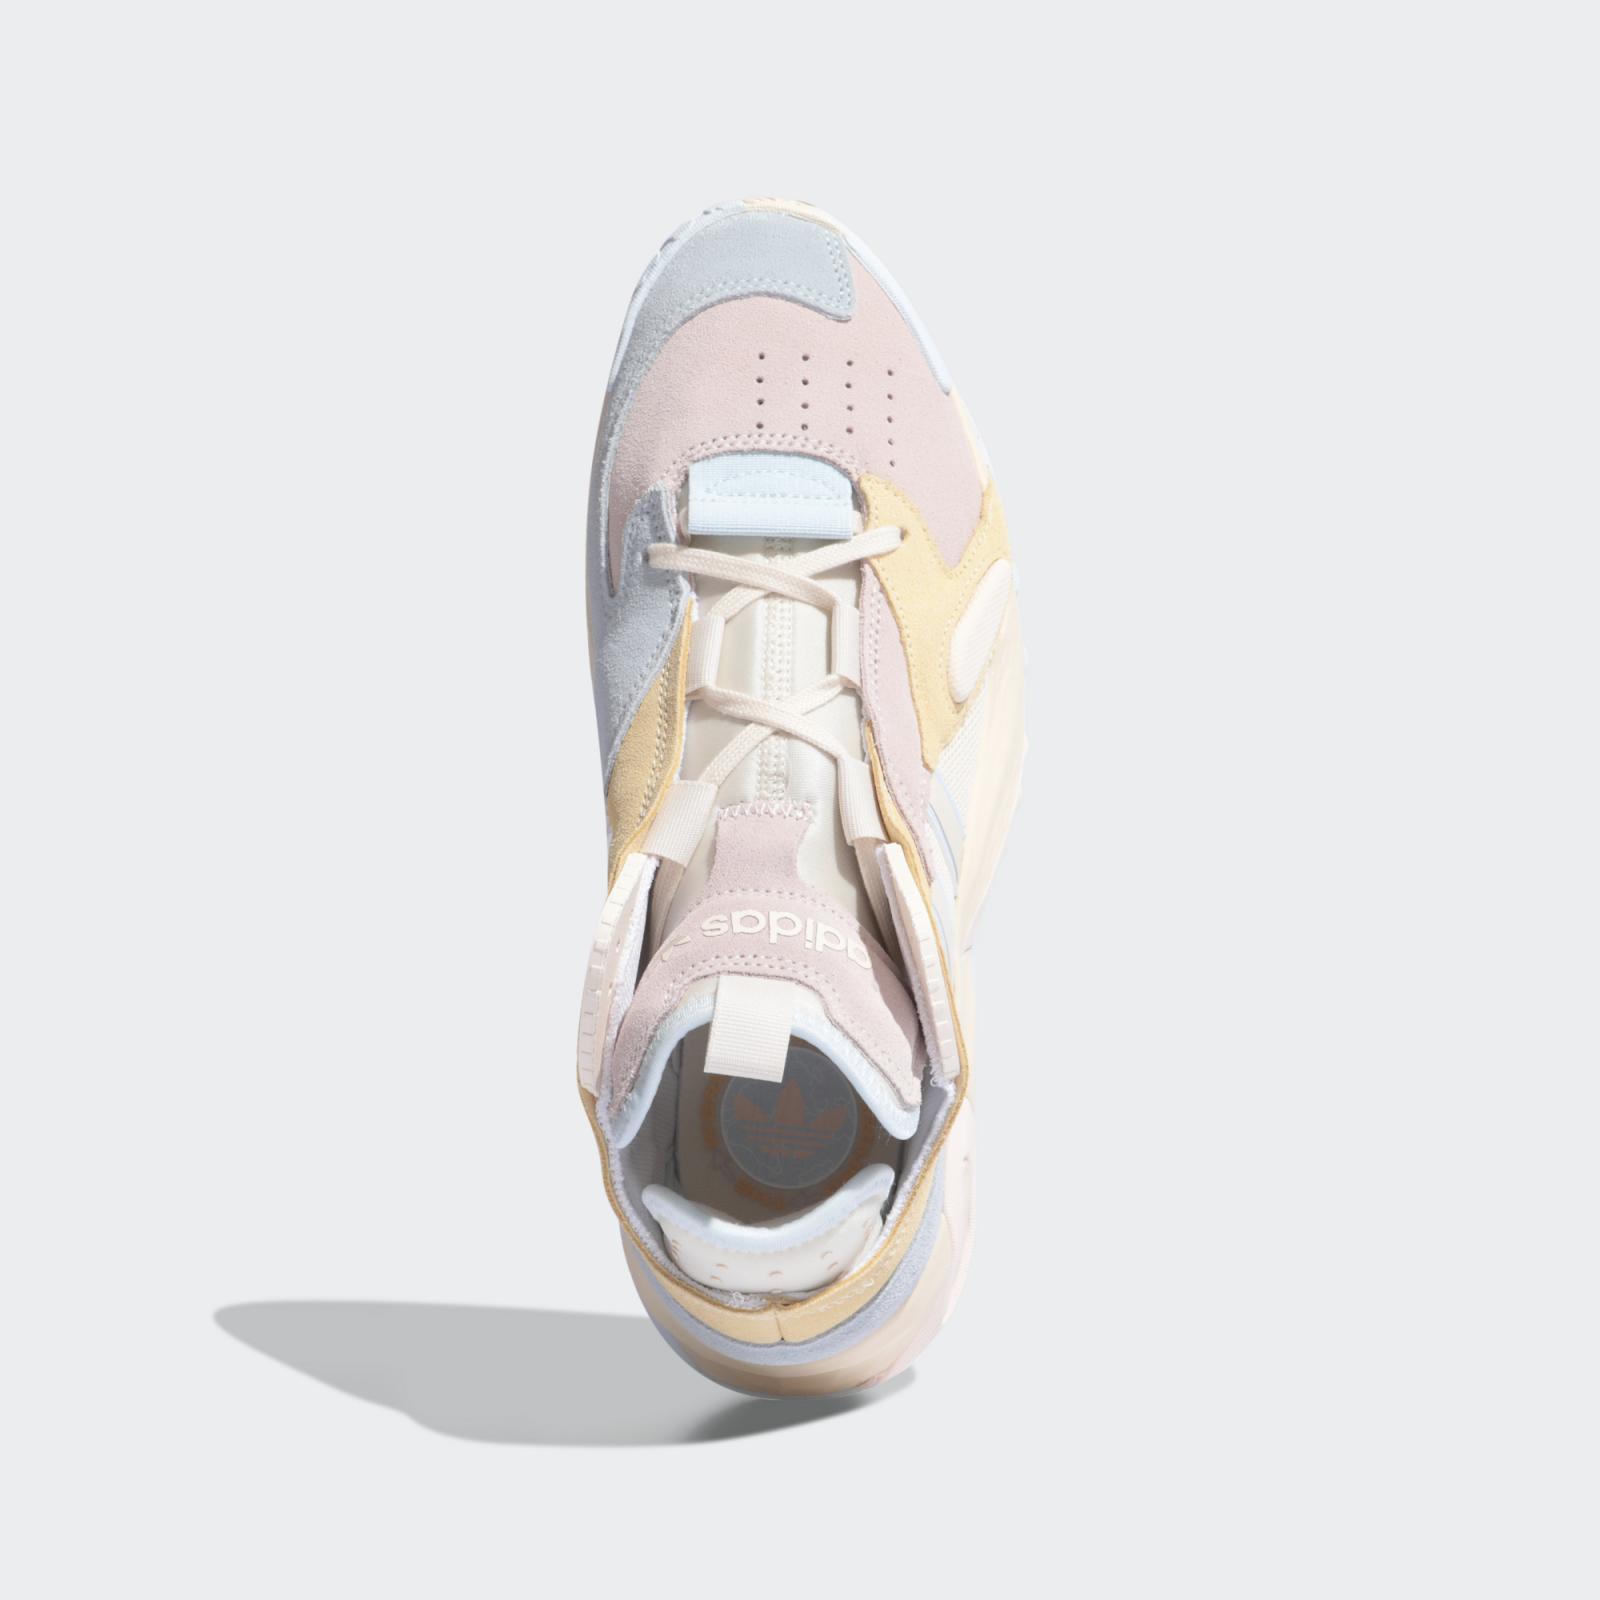 adidas Originals推出全新粉/米黄/蓝色WMNS Streetball